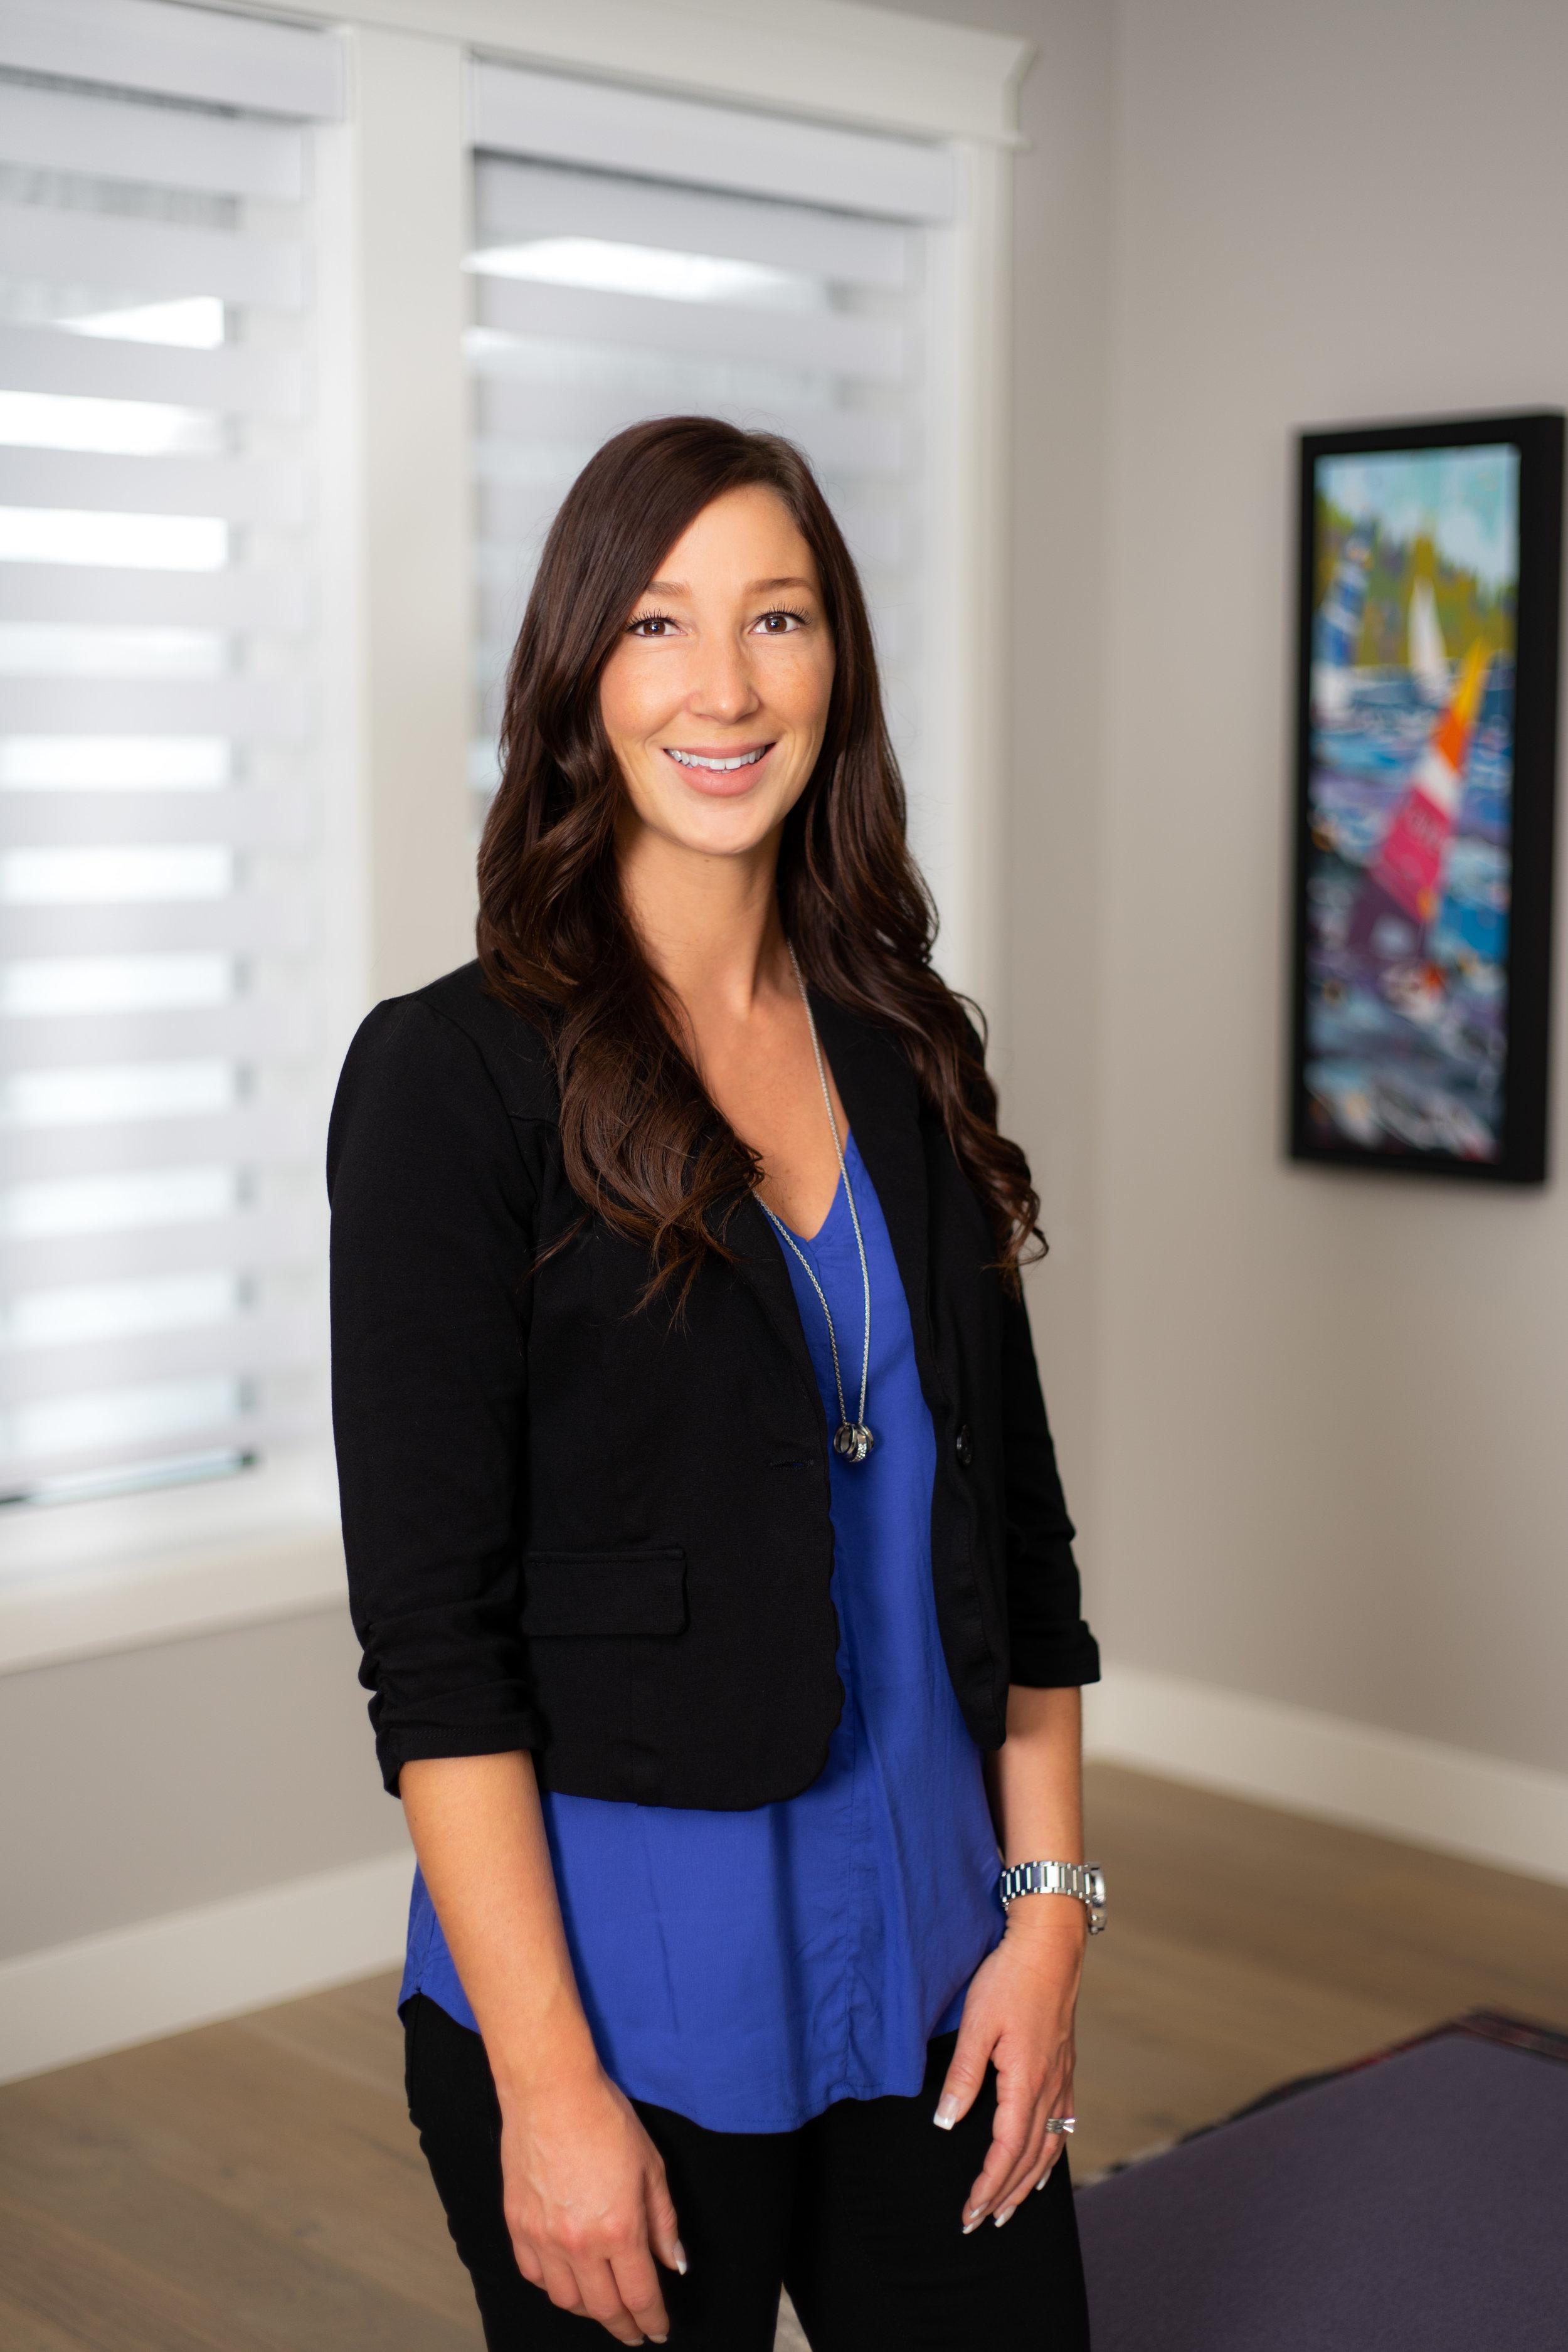 Marnie Gorrill, Interior Design Consultant